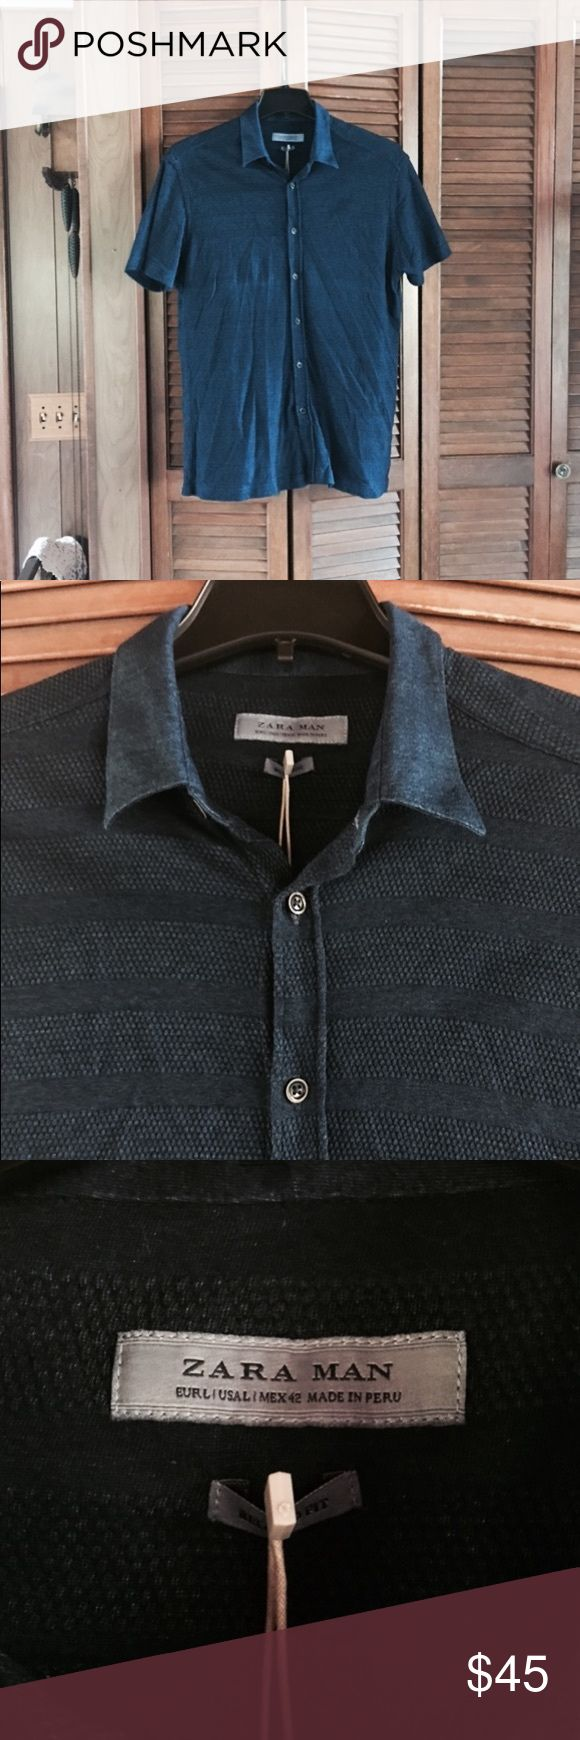 SALEZara Polo Collar Shirt Zara men's size L polo collar blue button-down shirt. Brand new with tags. NWT. Zara Shirts Polos